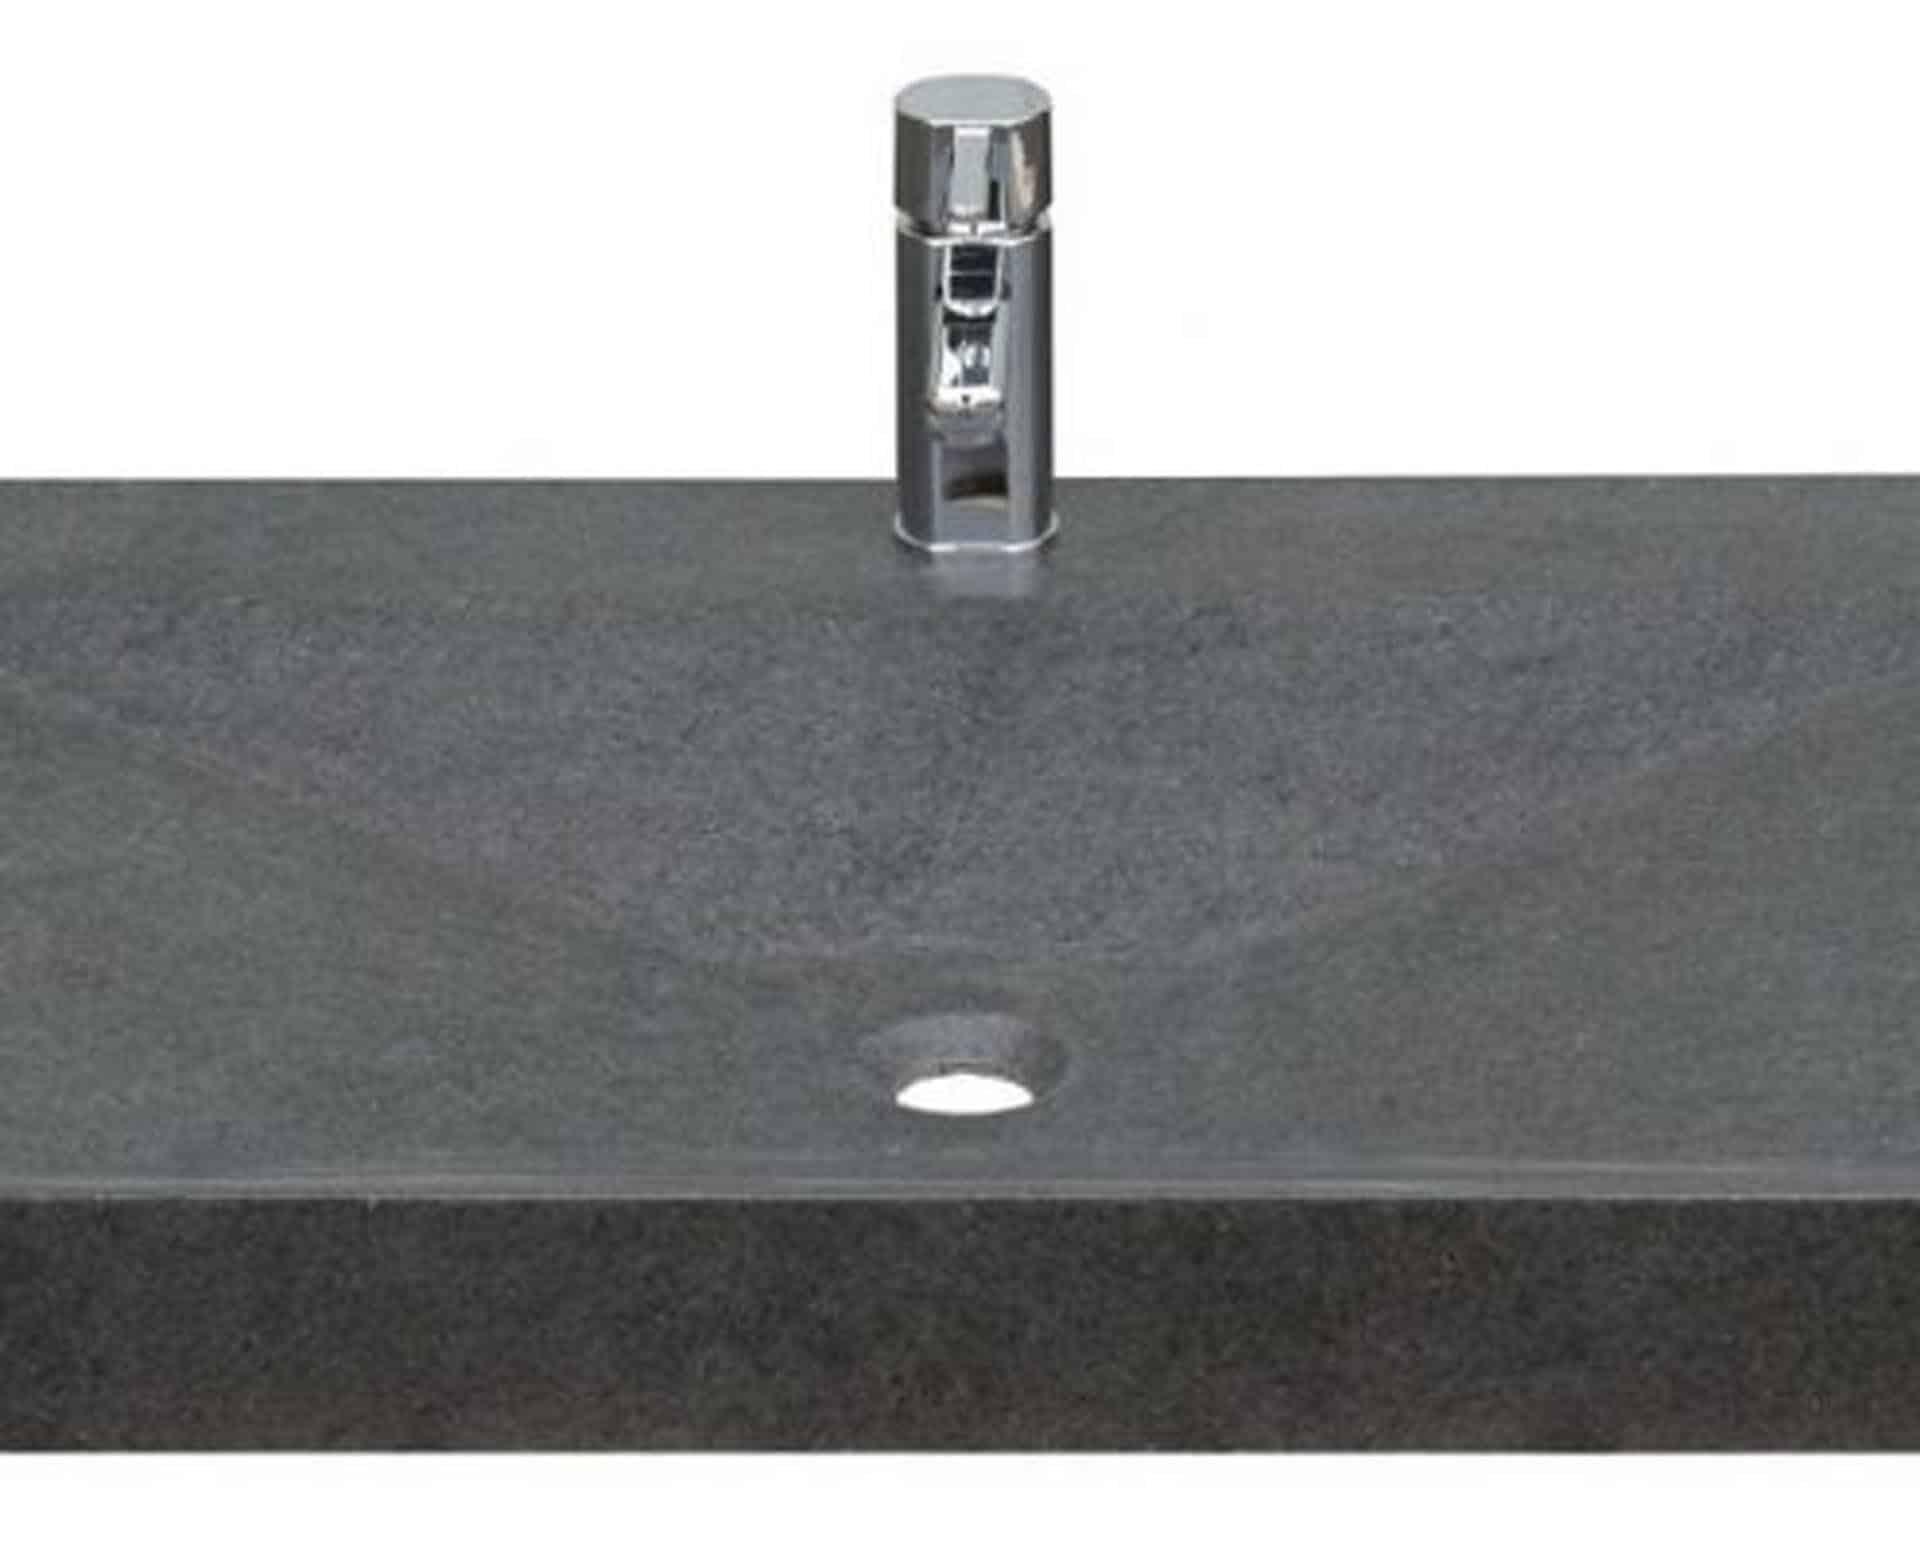 Eksklusiv designhåndvask fremstillet i massiv granit. Den sorte granit har en mat finish. En ægte stenvask i målene: 83,2 x 50,5 x 9,5 cm. Vasken er bearbejdet ud af et helt stykke granit - vi fræser ganske enkelt en håndvask ud af sten. Alle de afsluttende små detaljer er håndlavet. Med denne vask vil man få et stykke natur hjem i badeværelset. Det er kvalitet, som holder mange år ud i tiden. Vasken kan bruges som fritstående vask - da vasken er flad i bunden er den velegnet til at placere direkte på en bordplade. Vasken er hensynsmæssigt designet med fine rundinger, som både giver vasken et eksklusivt udtryk og gør den rengøringsvenlig. Vasken vedligeholdes med voks - vi anbefaler en behandling med vores egen naturvoks ID12002 et par gange om året for at opnå optimalt look.